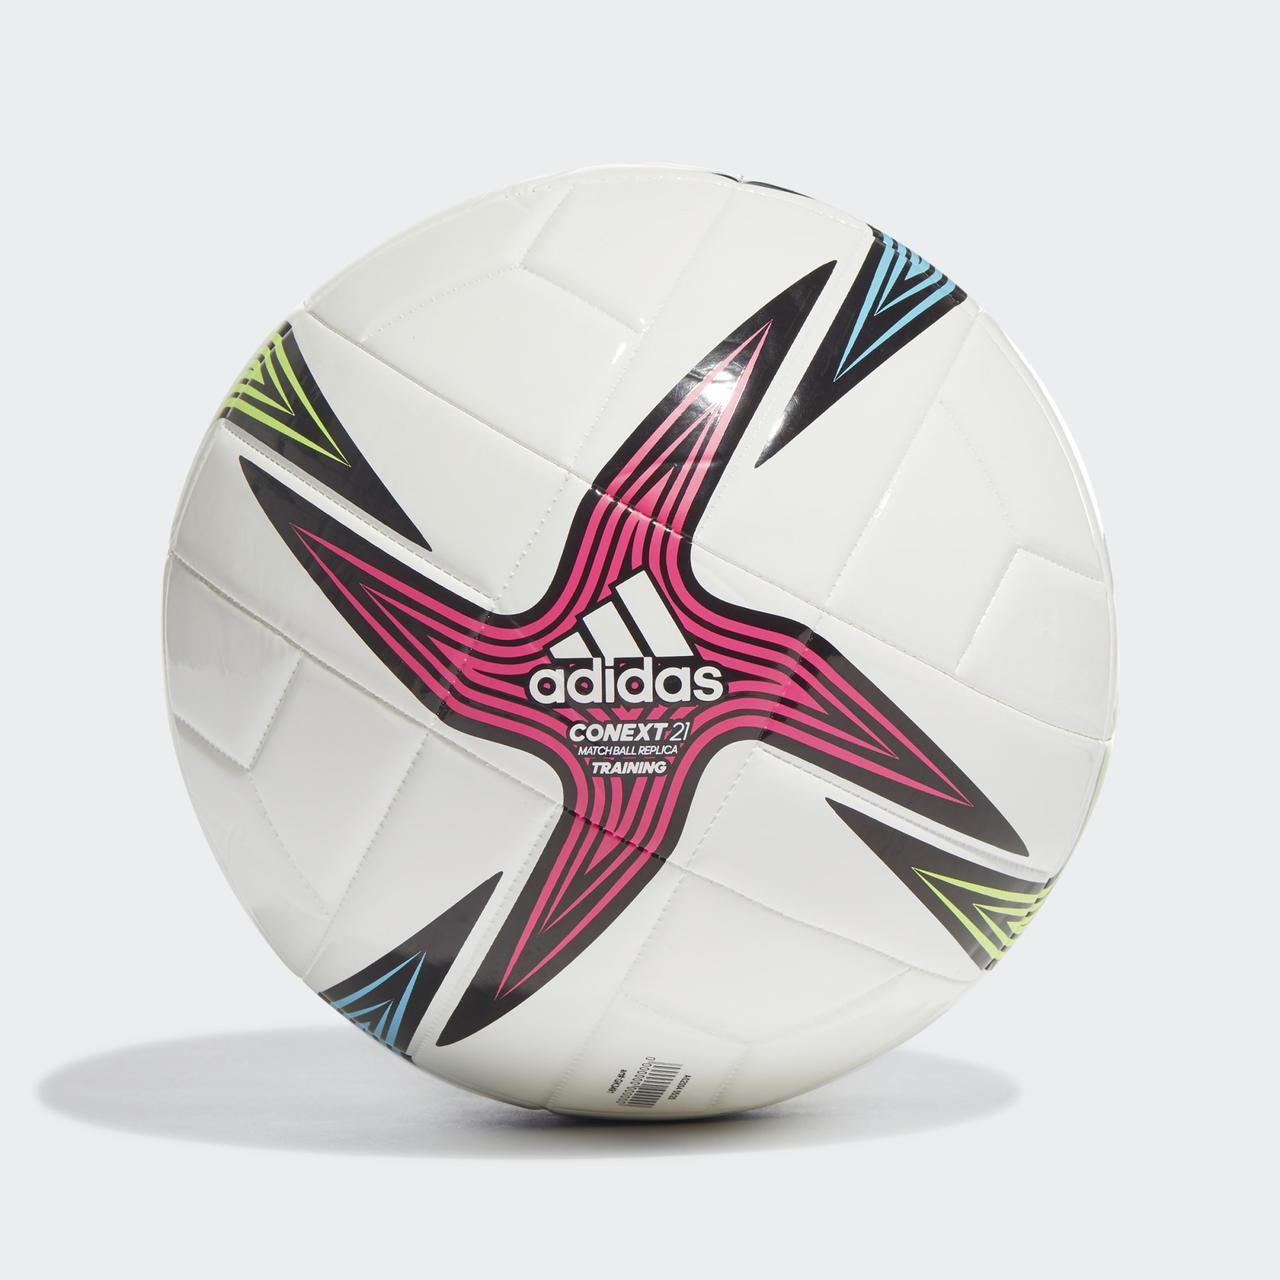 Мяч футбольный Adidas Conext 21 Training Ball №5 GK3491 Белый